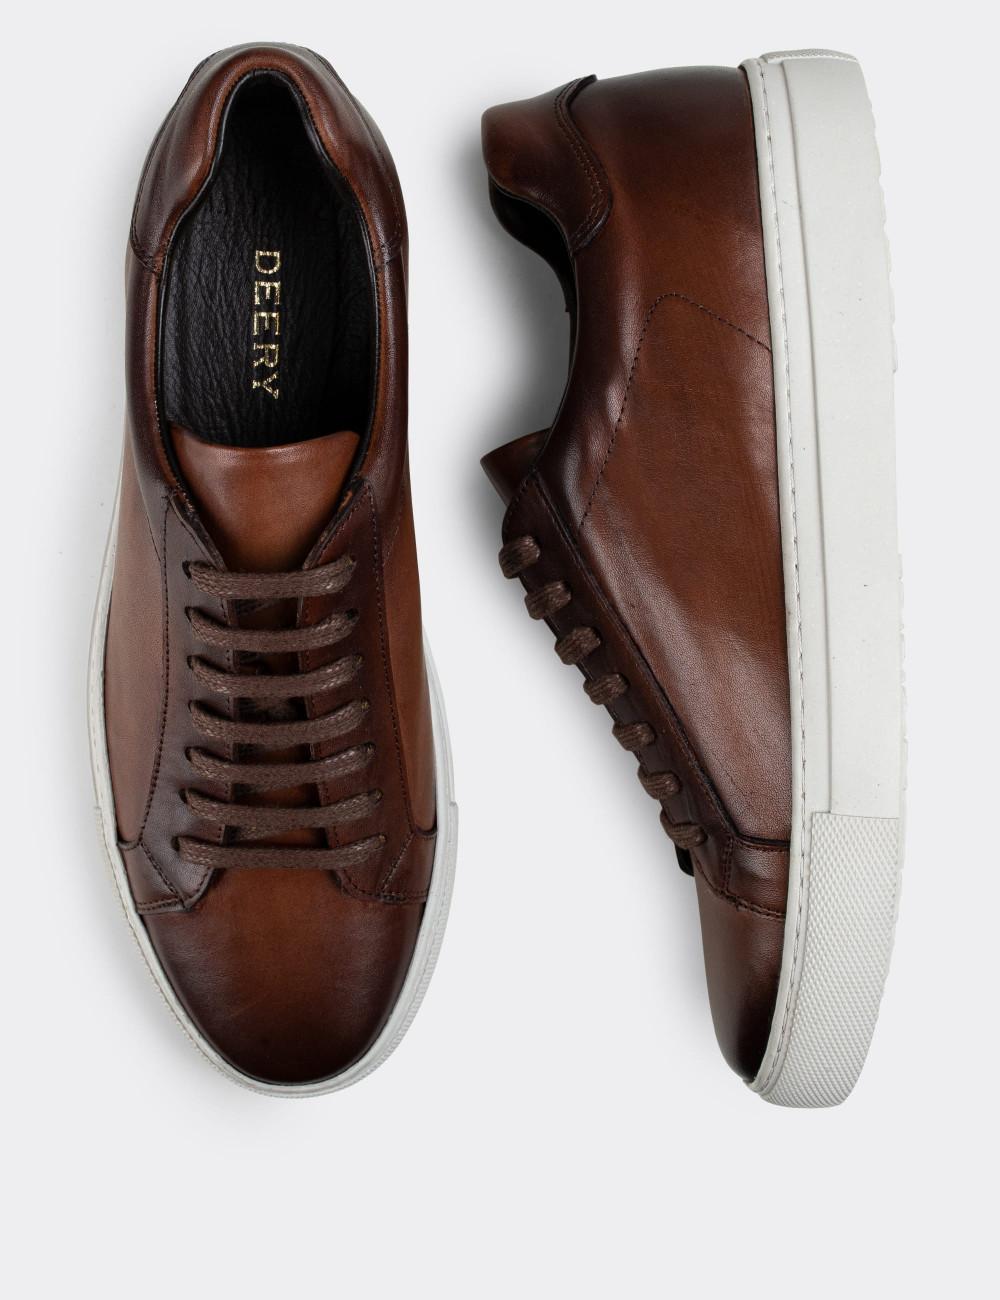 Hakiki Deri Taba Rengi Sneaker Erkek Ayakkabı - 01681MTBAC02